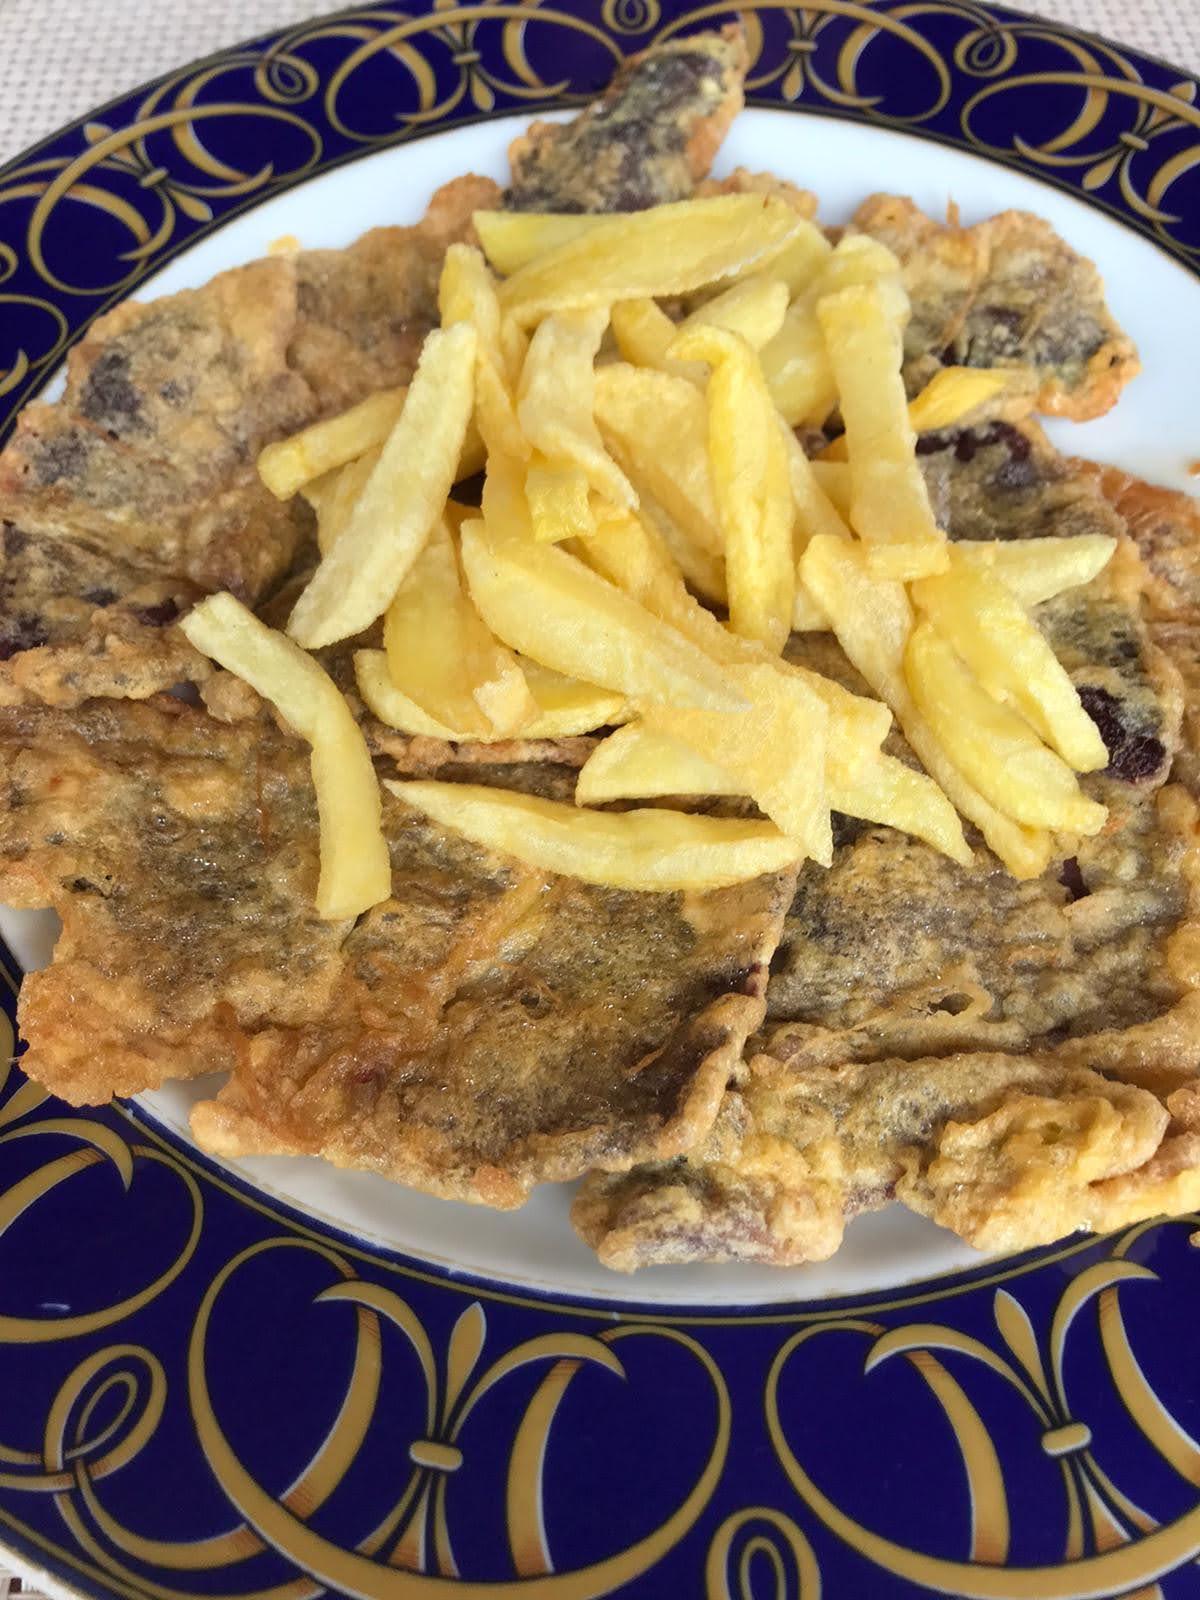 Reseña gastronómica: Hotel Rural La Bolera en Robles de Laciana 2